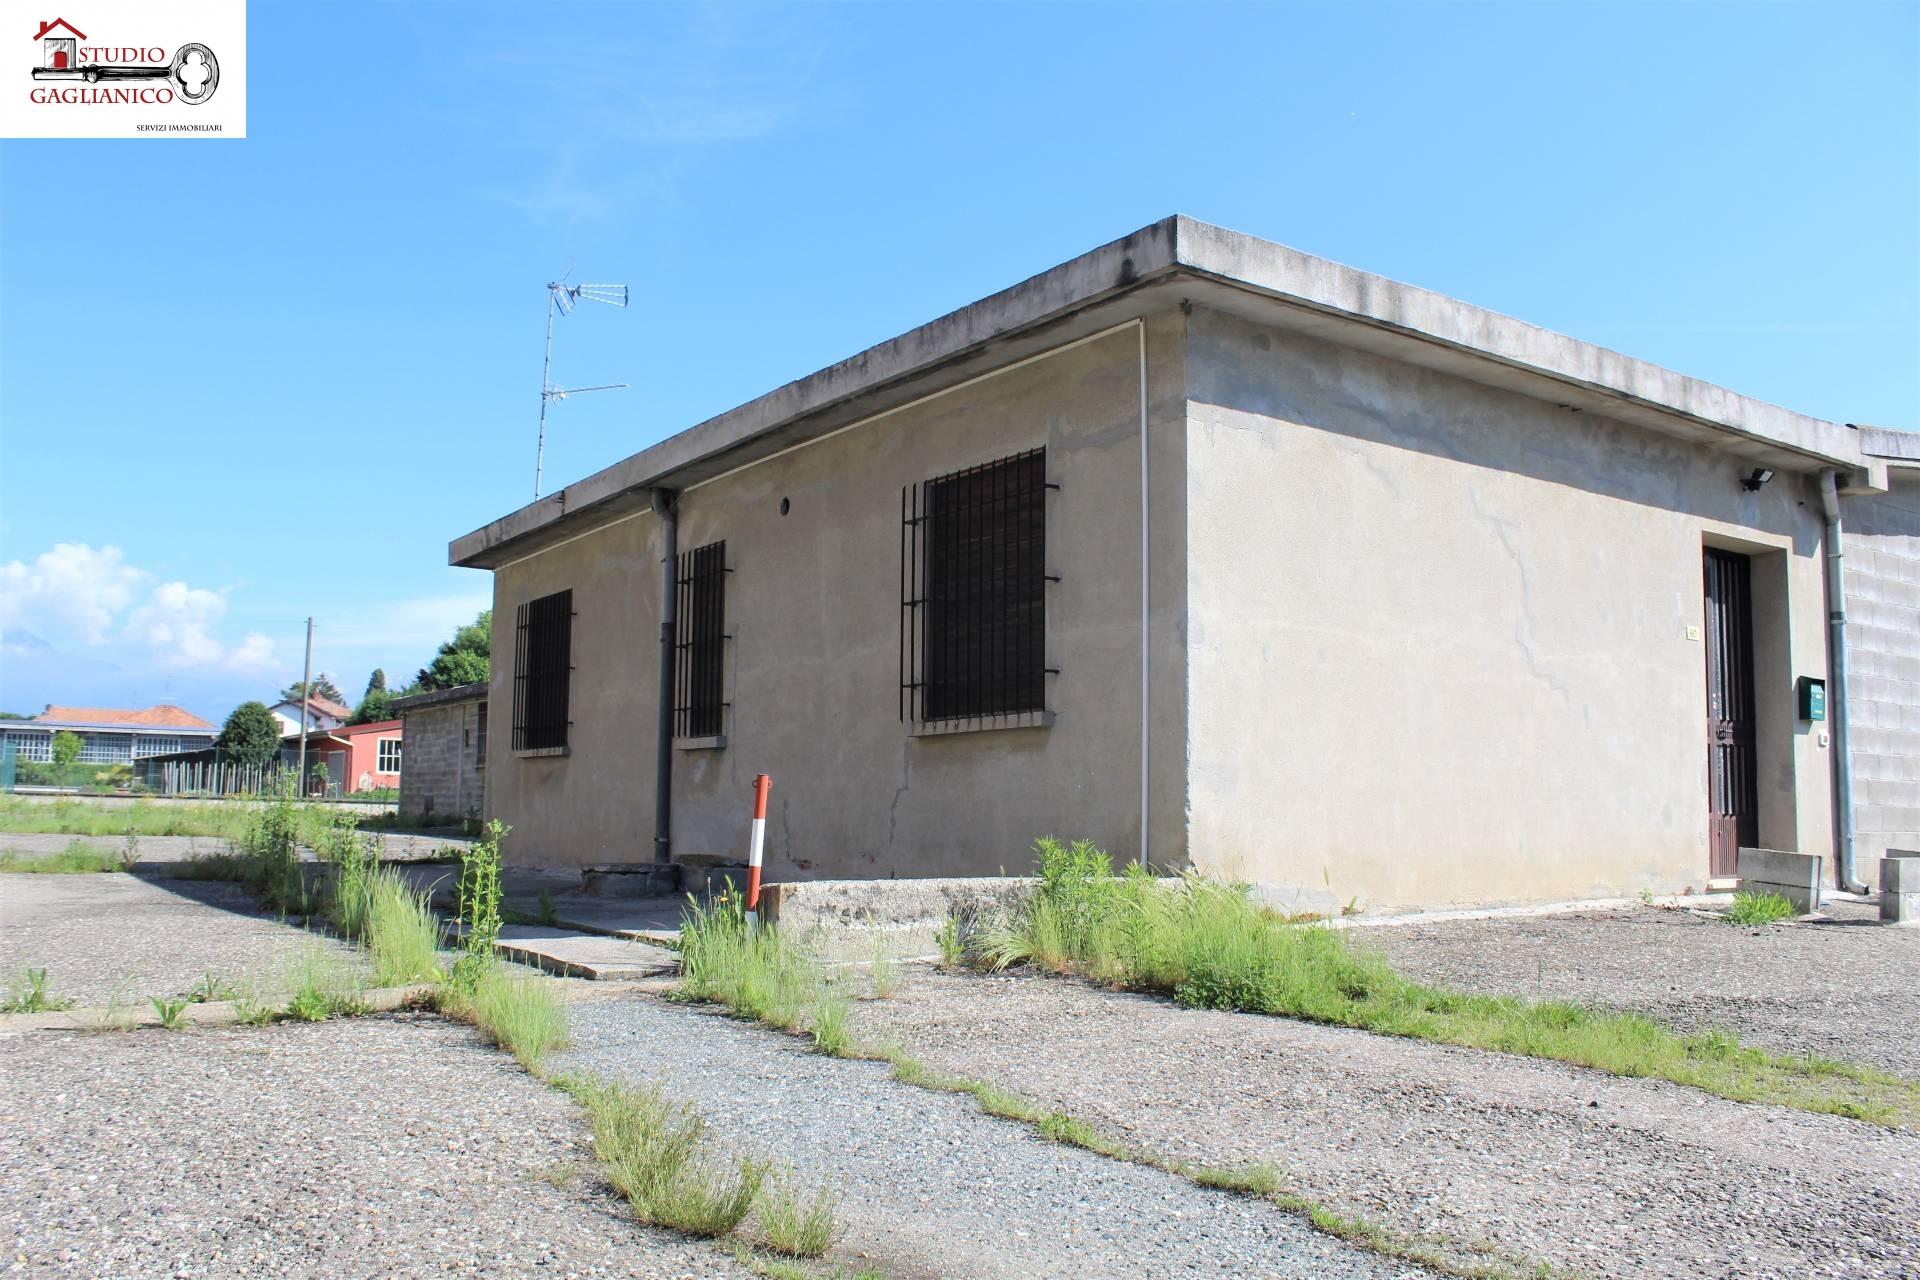 Ufficio / Studio in vendita a Cerrione, 9999 locali, prezzo € 30.000 | CambioCasa.it